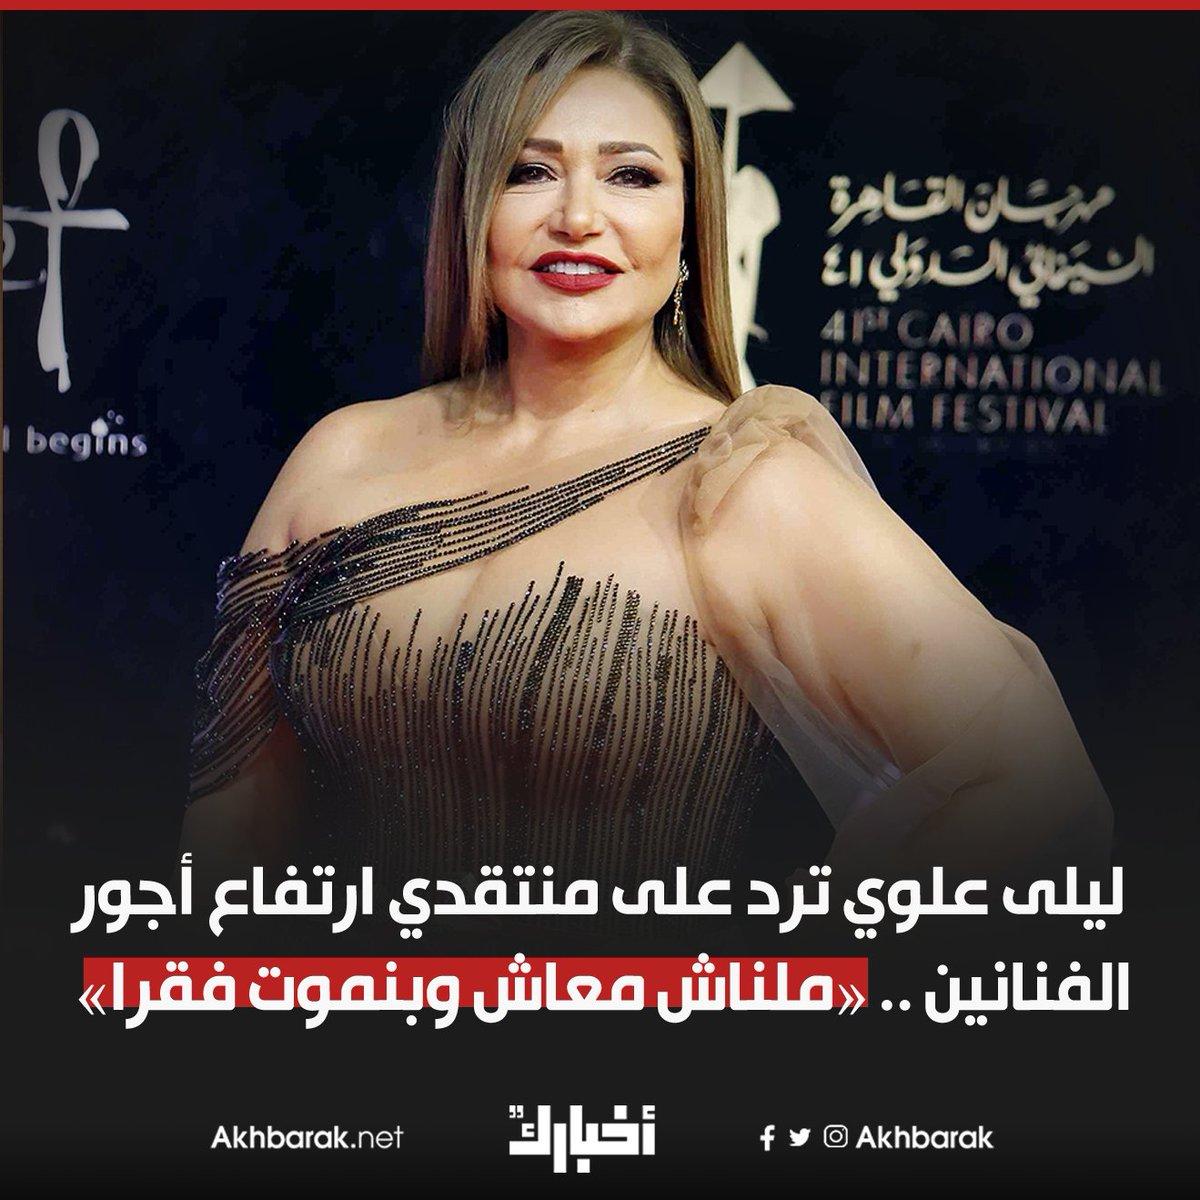 ليلى علوي ترد على منتقدي ارتفاع أجور الفنانين .. «ملناش معاش وبنموت فقرا» المصري اليوم